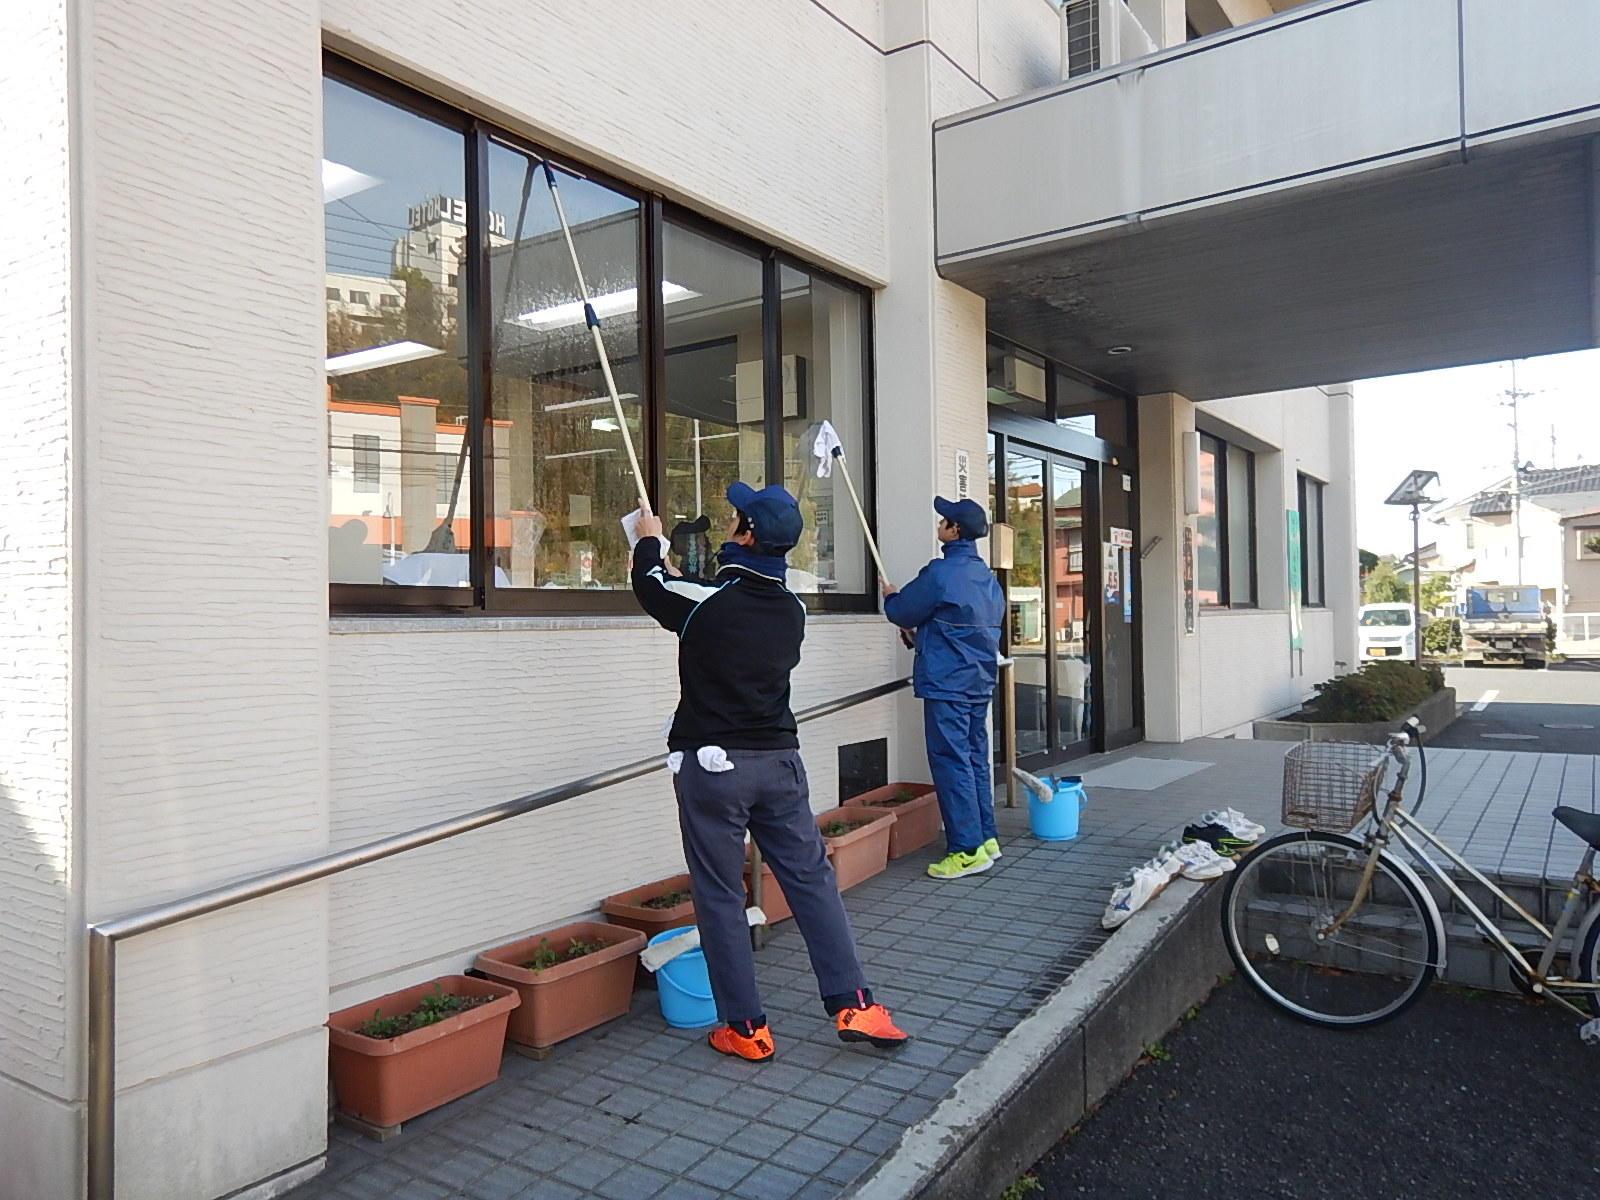 http://www.shimanet.ed.jp/hamadayougo/news/DSCN0341.JPG